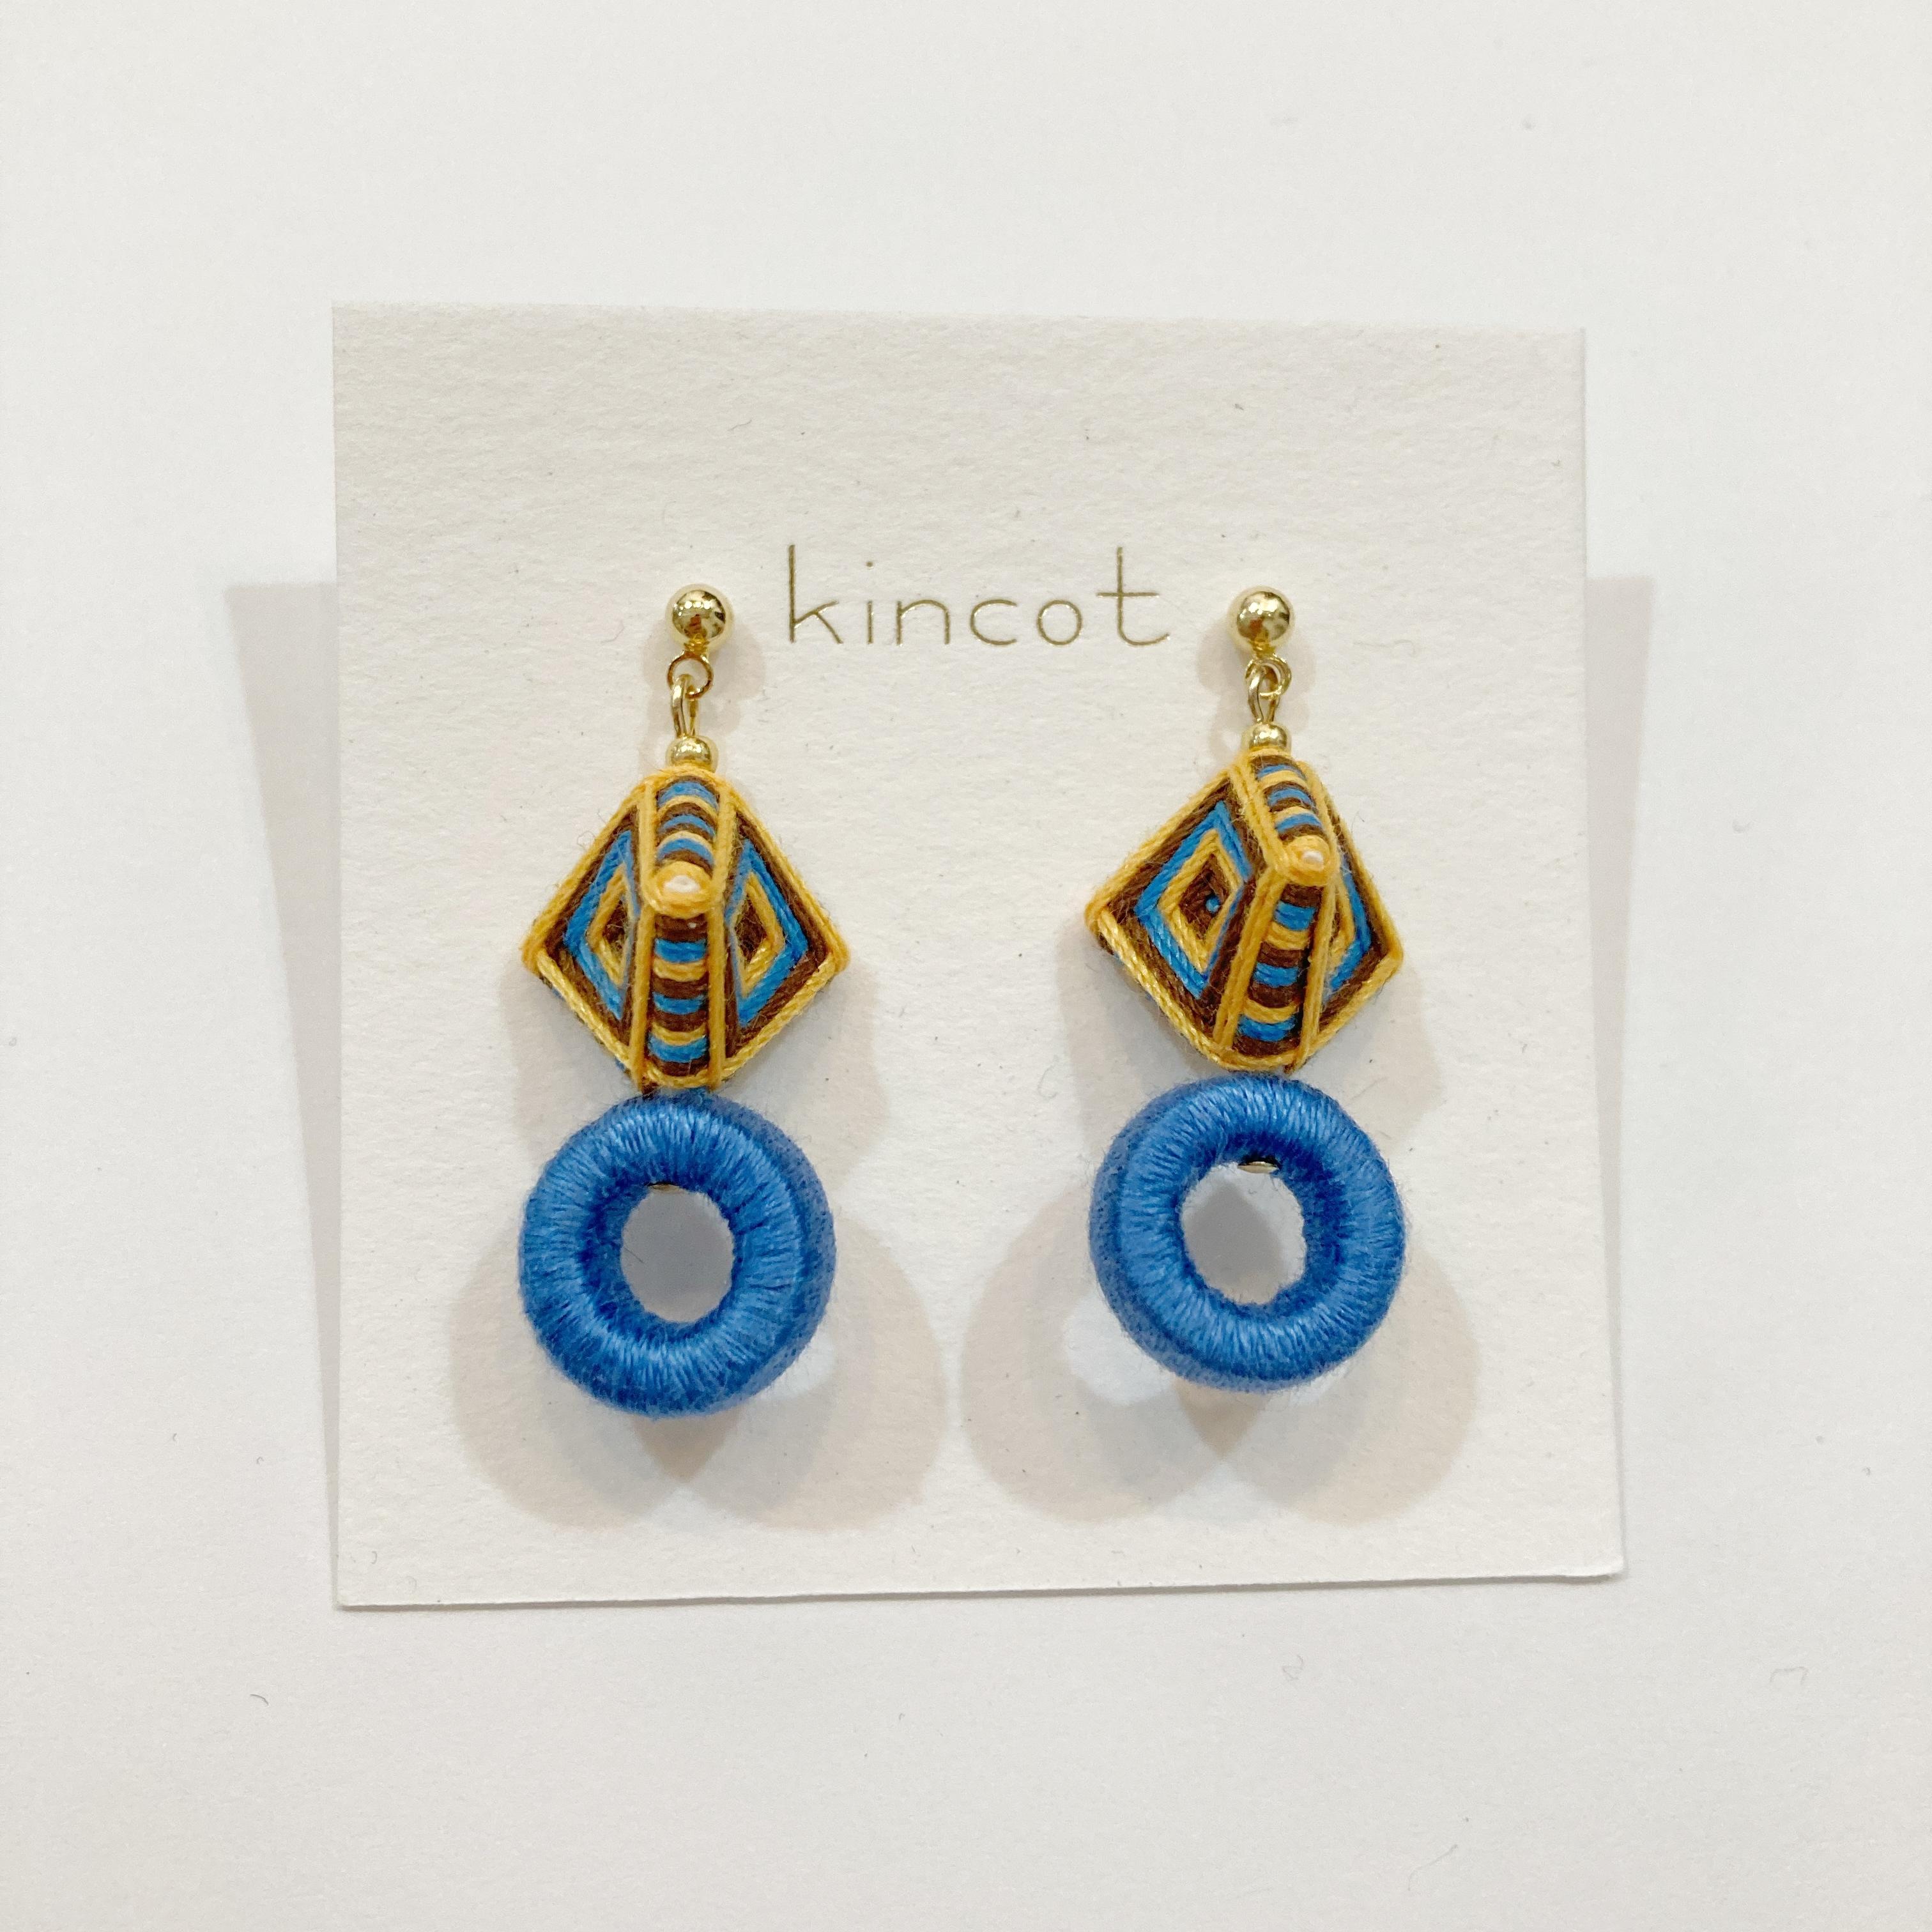 【kincot】糸巻きフープピアス(ブルー)パーツ交換可能